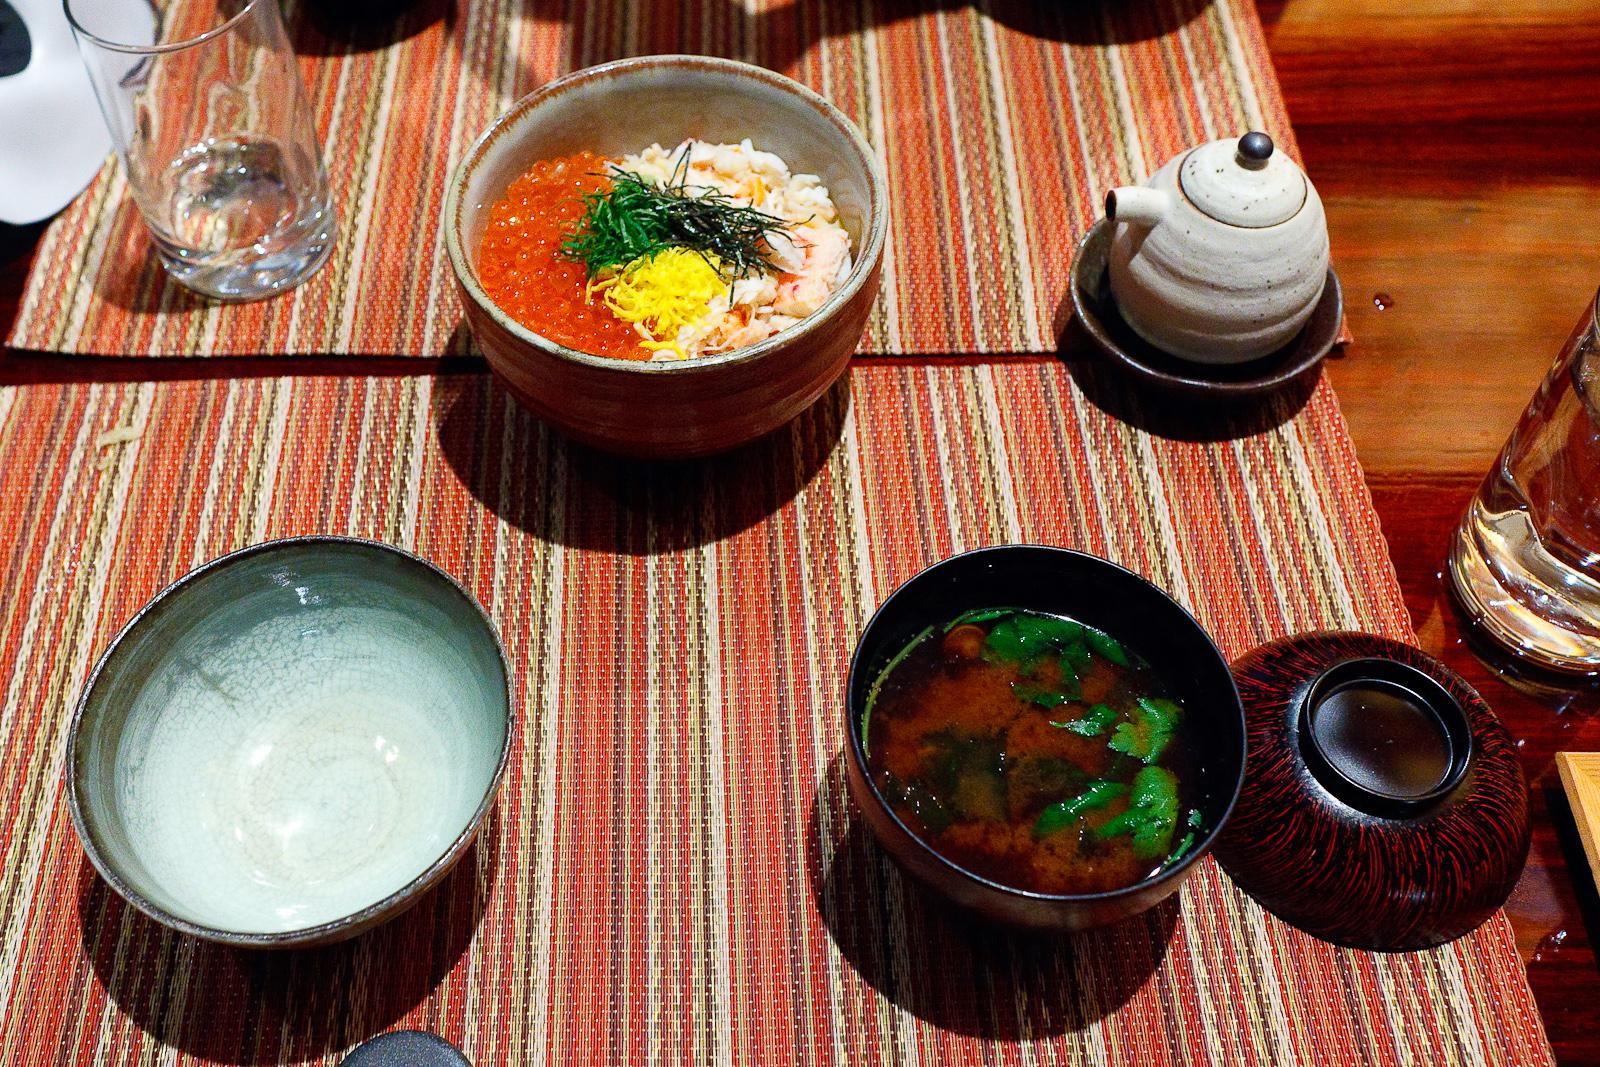 Kani ikura don, Alaskan king crab and dashi-marinated salmon roe over rice ($29) with Akadashi red miso soup ($5)